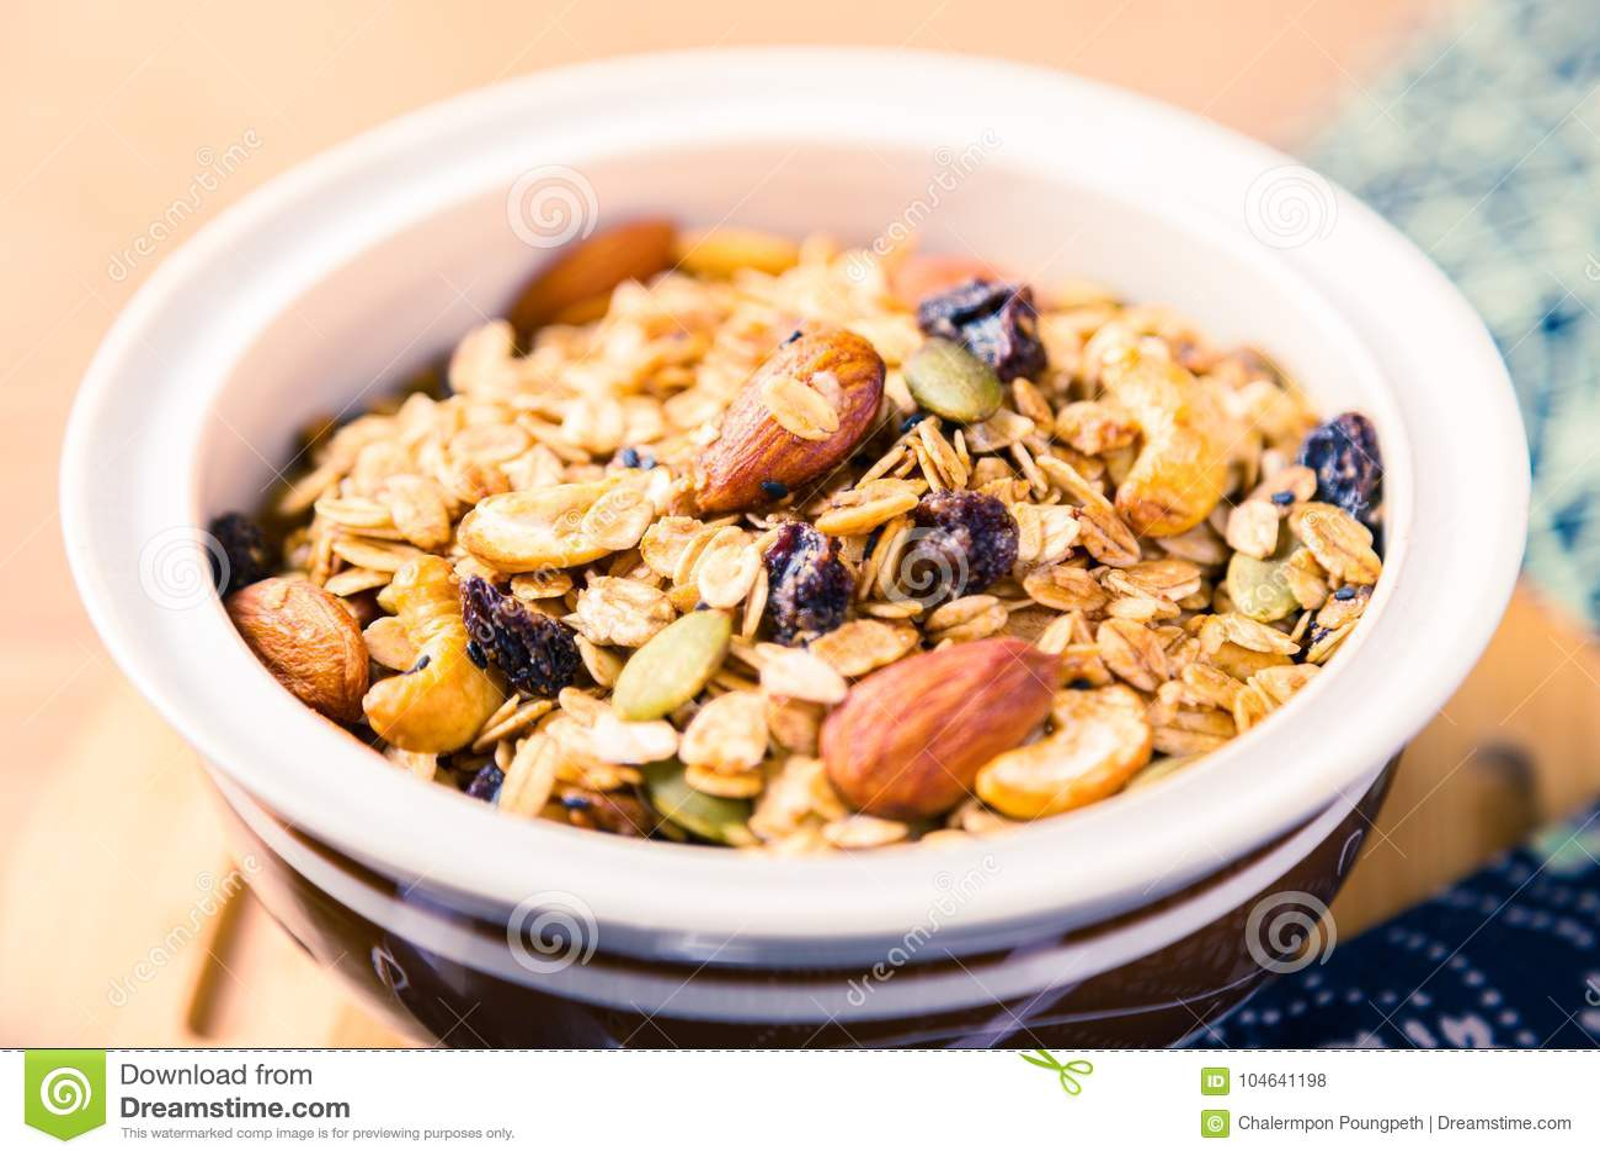 Download Omhoog Gesloten Van Multi-korrelgraangewas Met Droge Vruchten En Noten In Stock Foto - Afbeelding bestaande uit achtergrond, maaltijd: 104641198